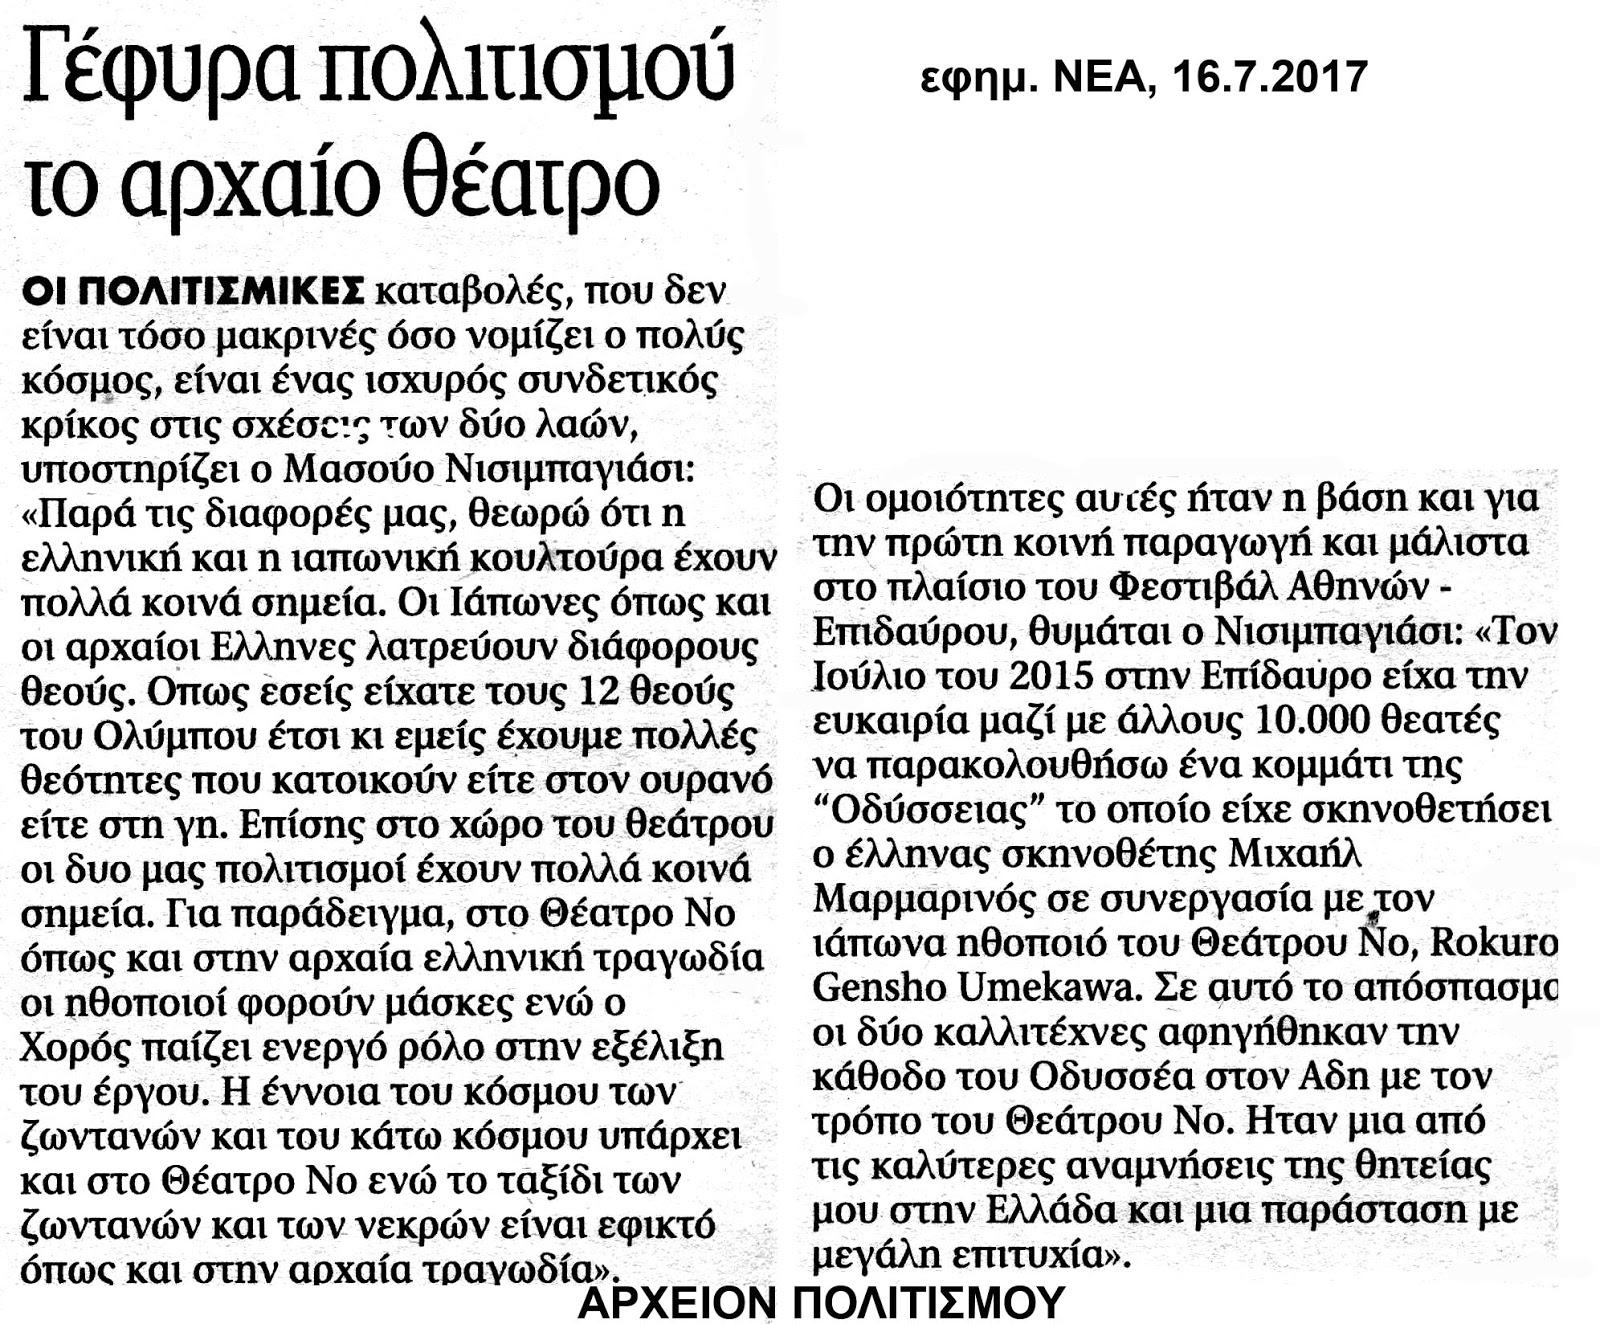 Το αρχαίο θέατρο γέφυρα πολιτισμού μεταξύ Ελλάδος-Ιαπωνίας